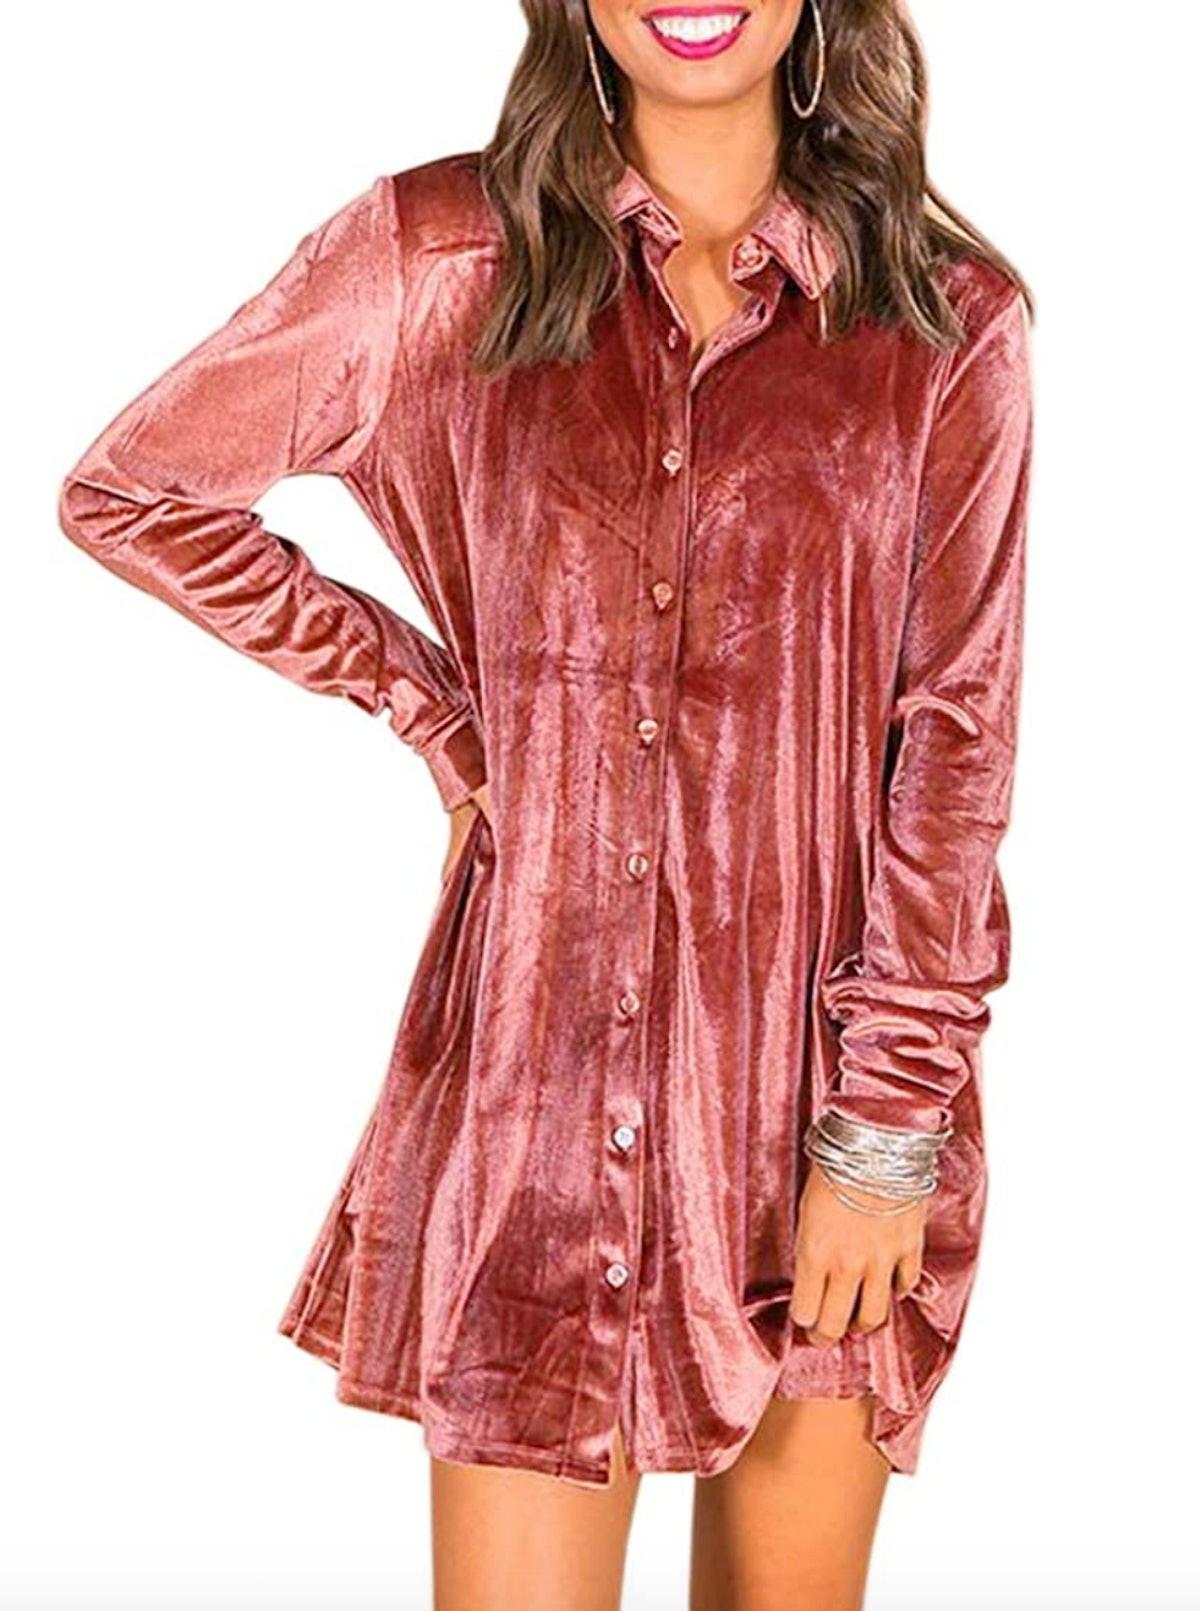 Alexis Rose from 'Schitt's Creek' would love this velvet button-down shirt dress.